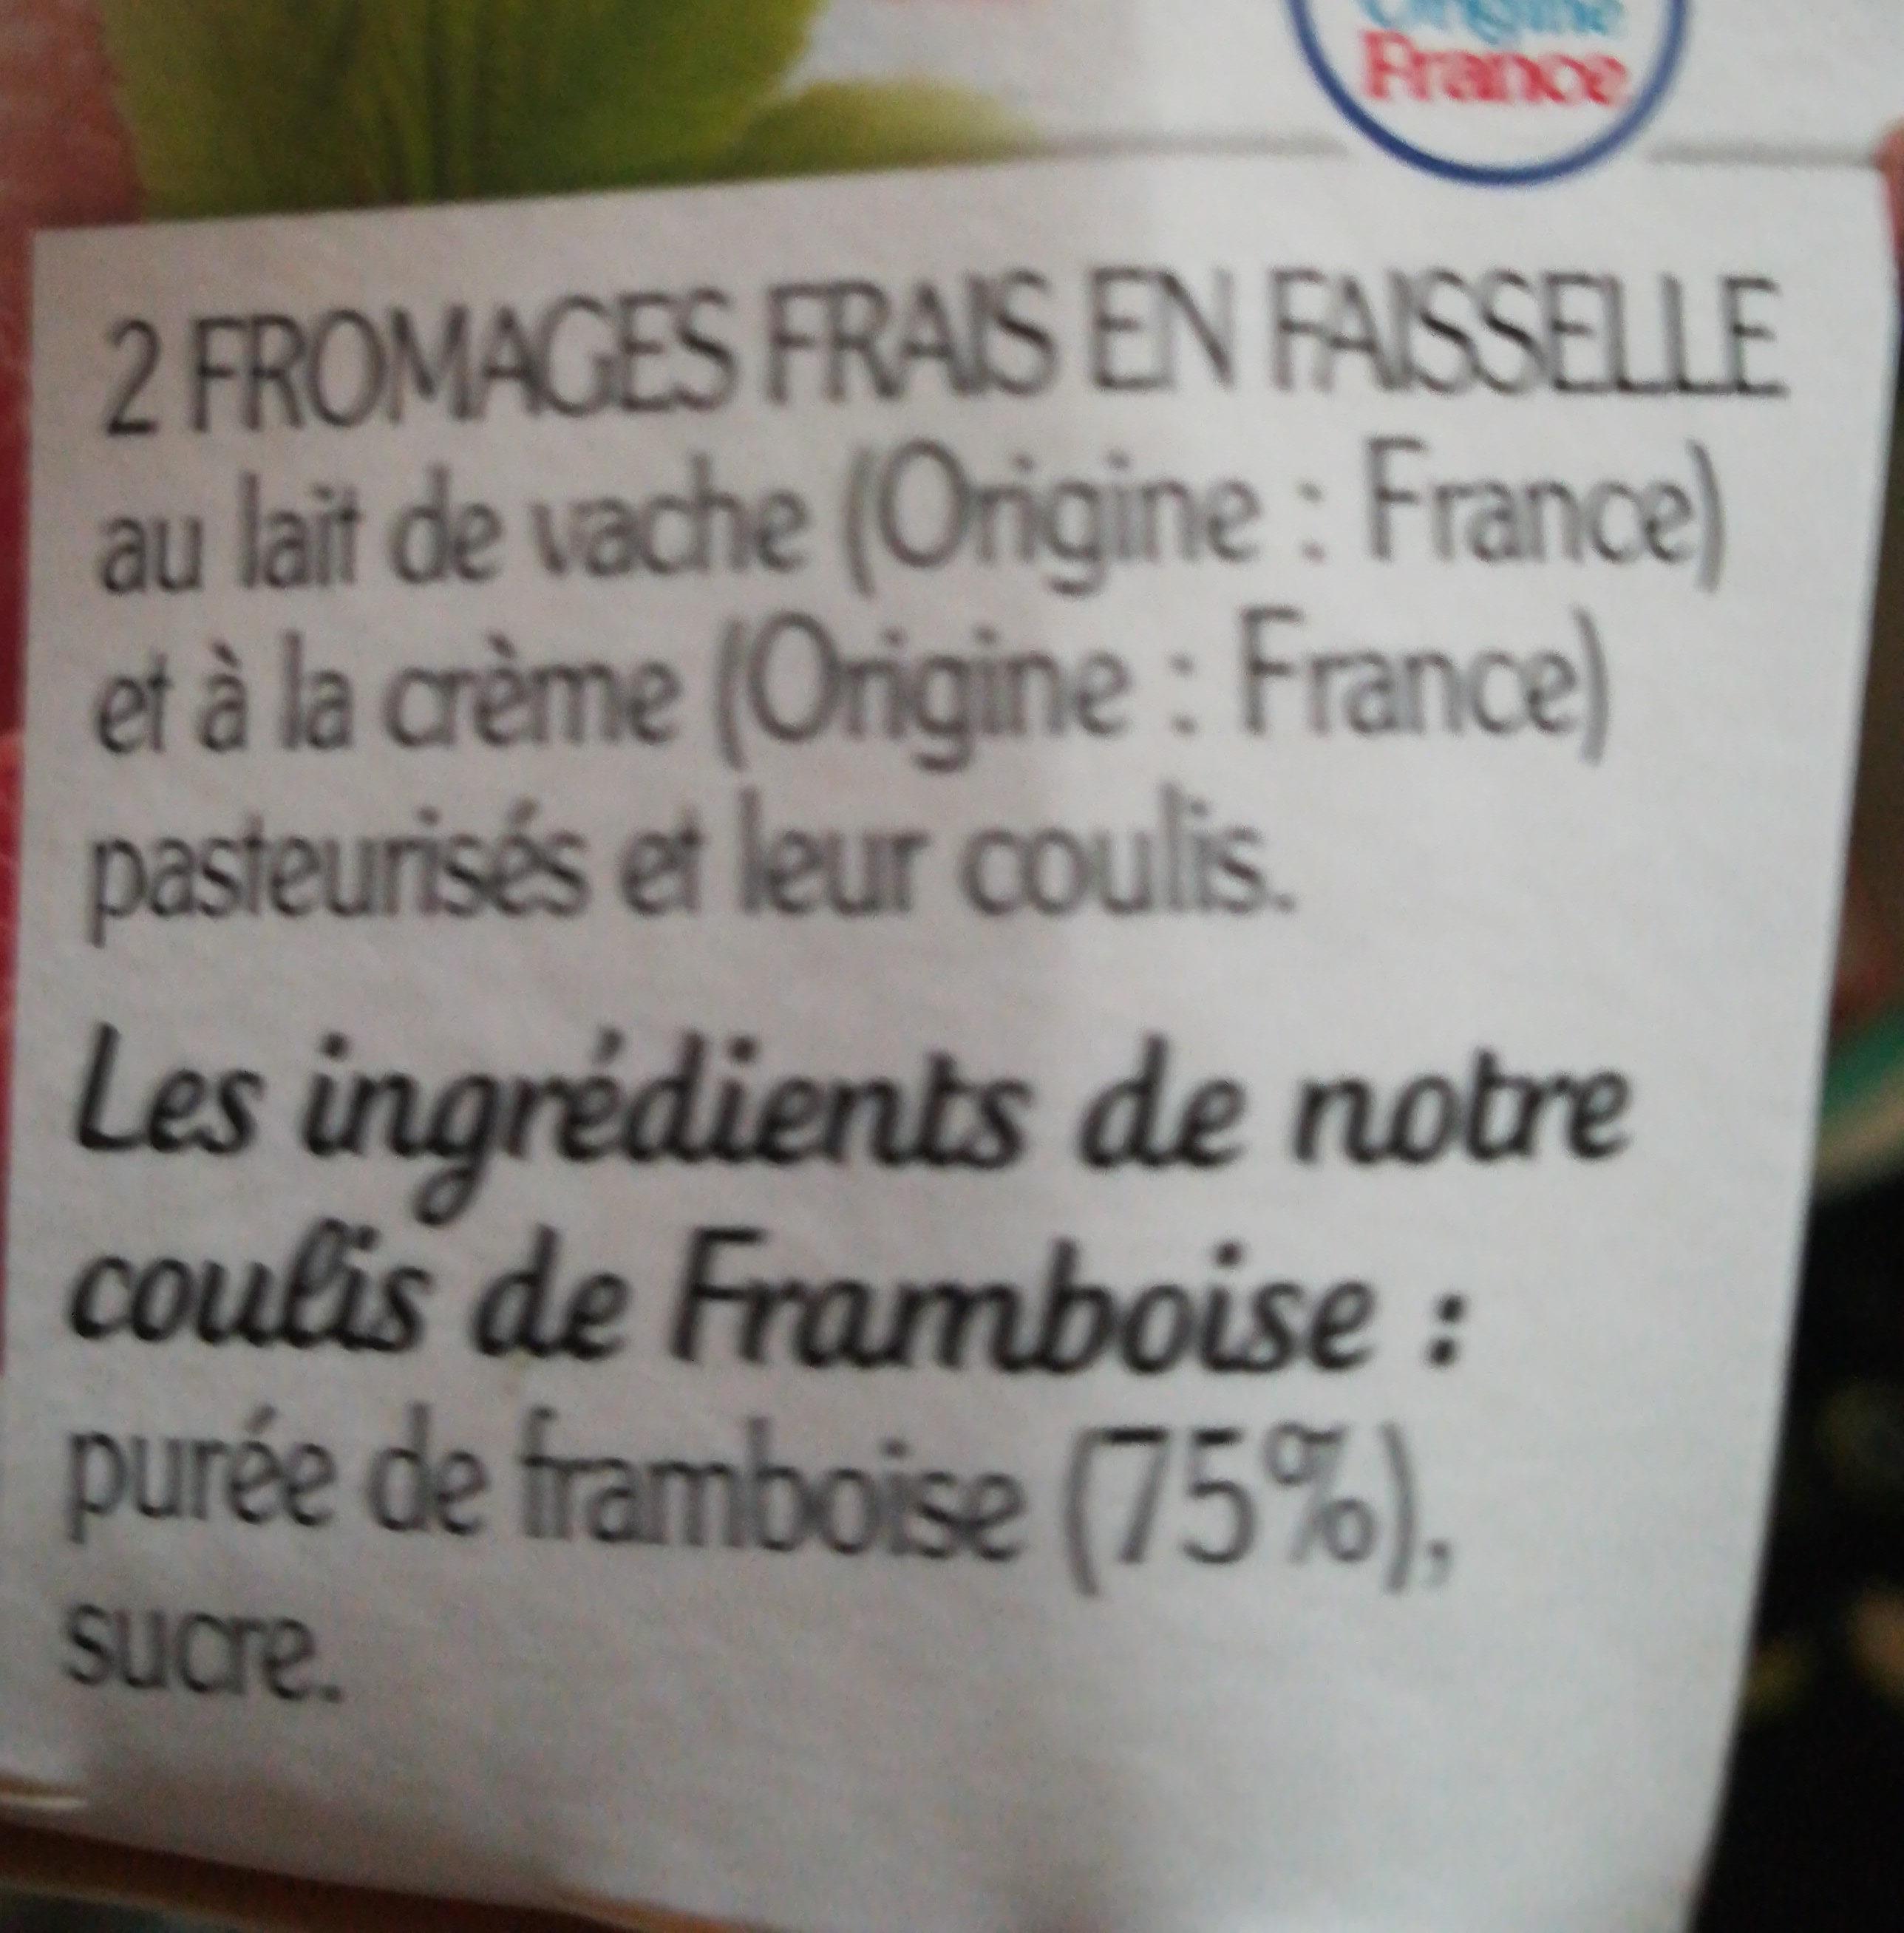 La Faisselle et son coulis de Framboises - Ingrediënten - fr